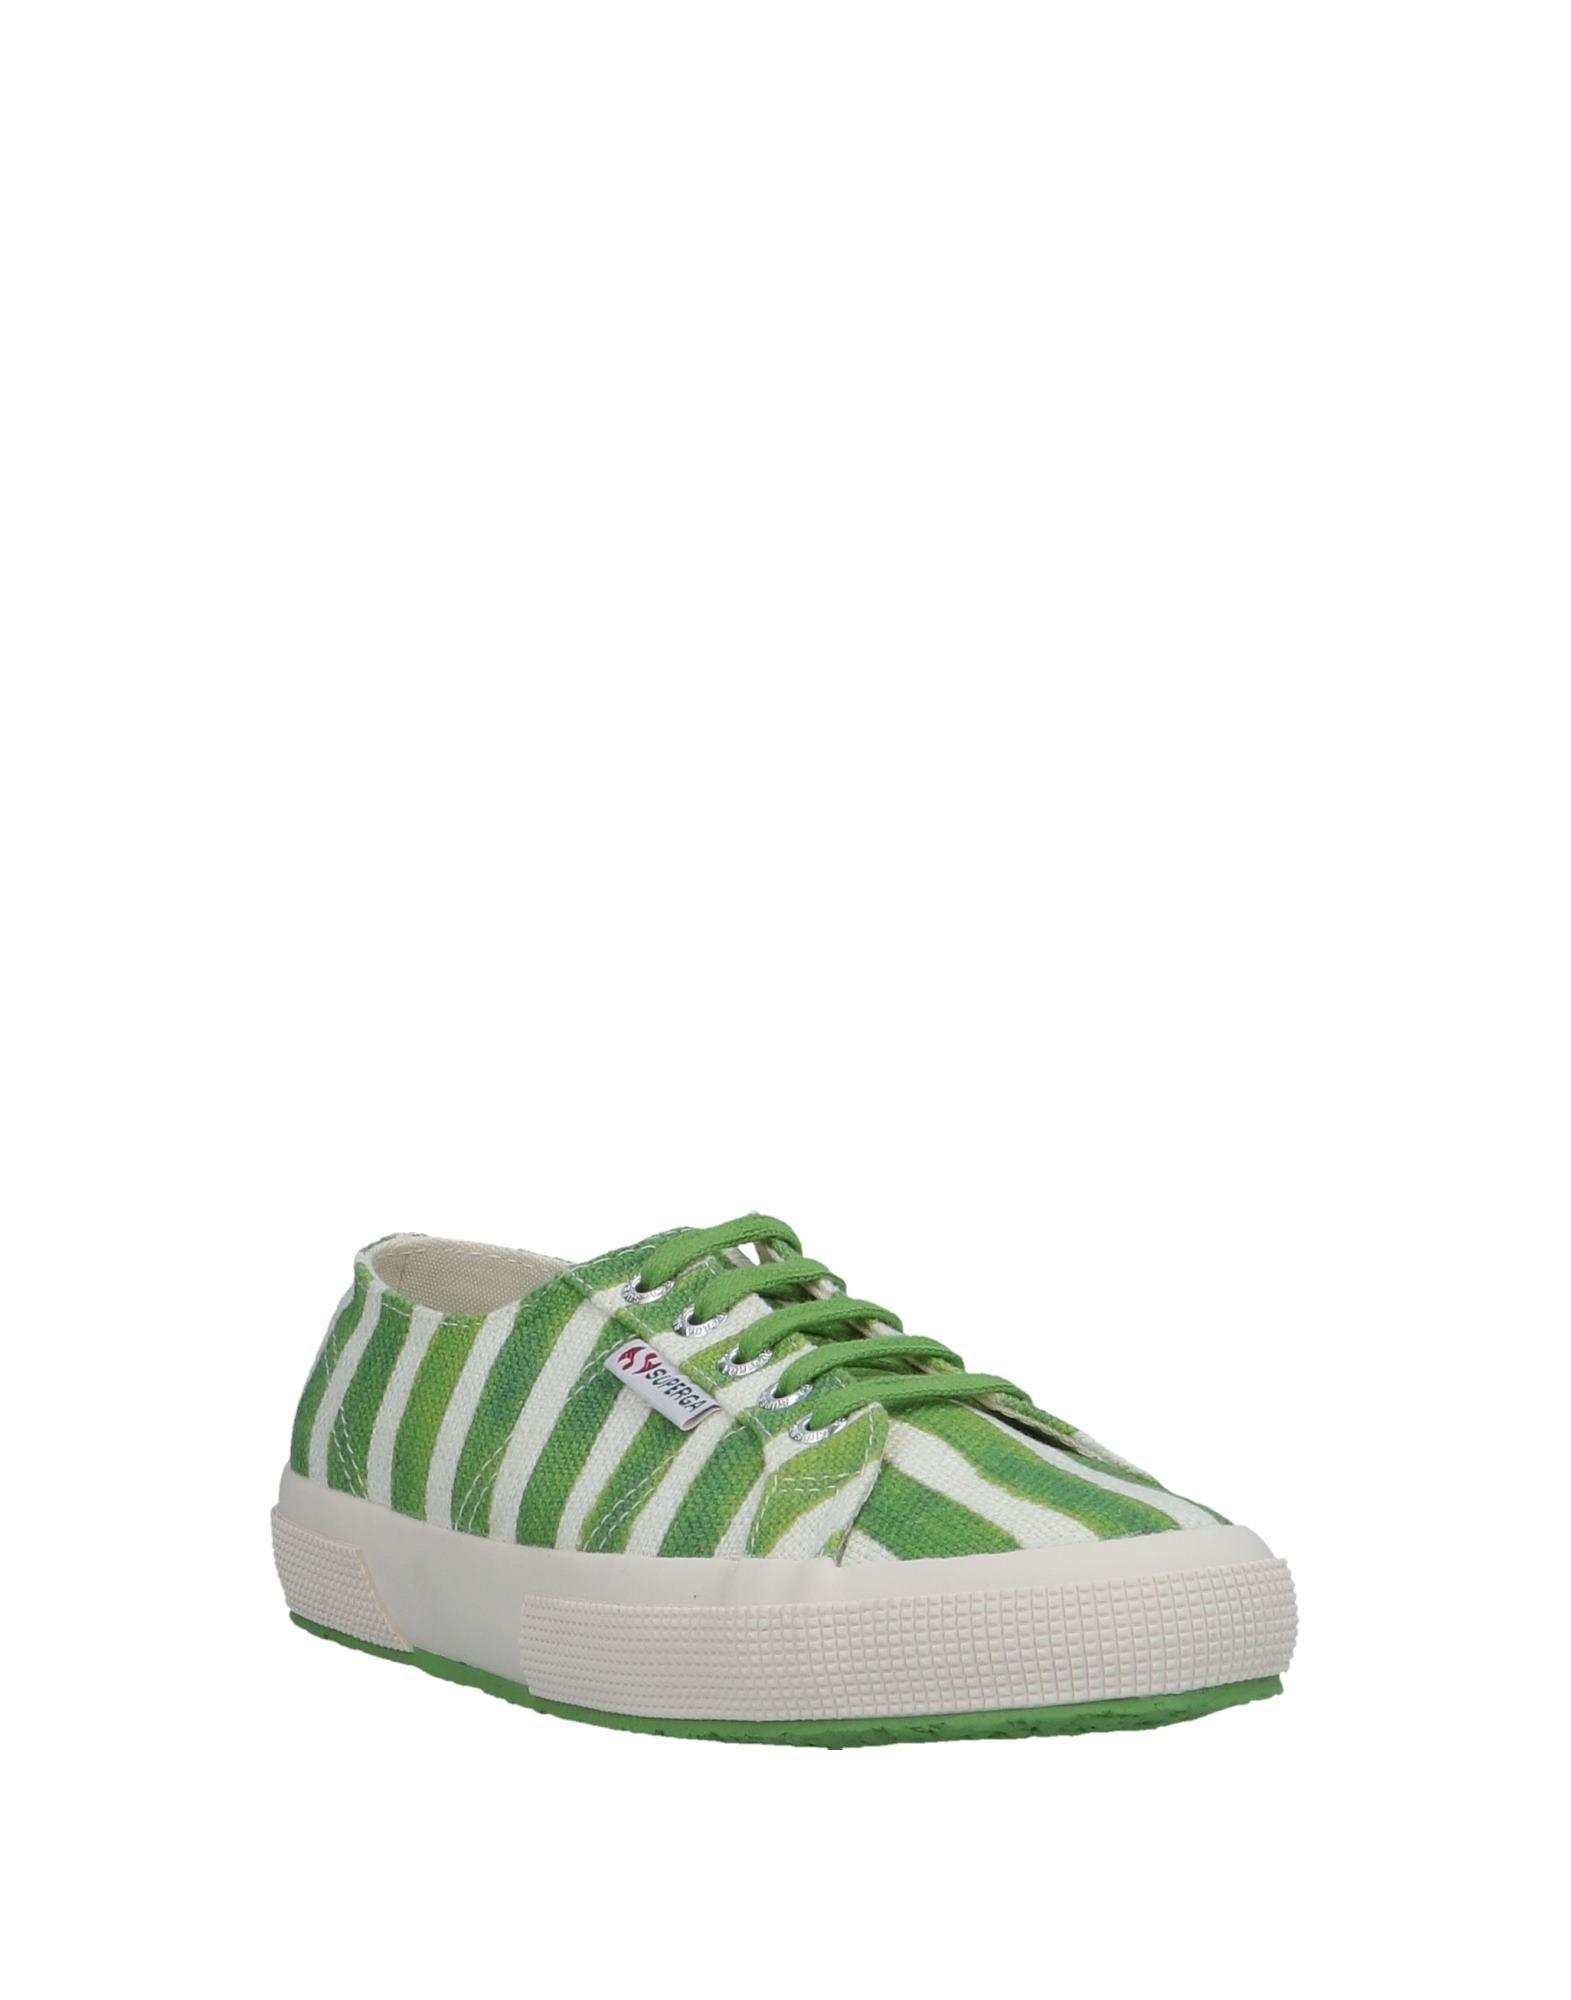 Superga® Superga® Superga® Sneakers - Women Superga® Sneakers online on  United Kingdom - 11215997NR 7ee923